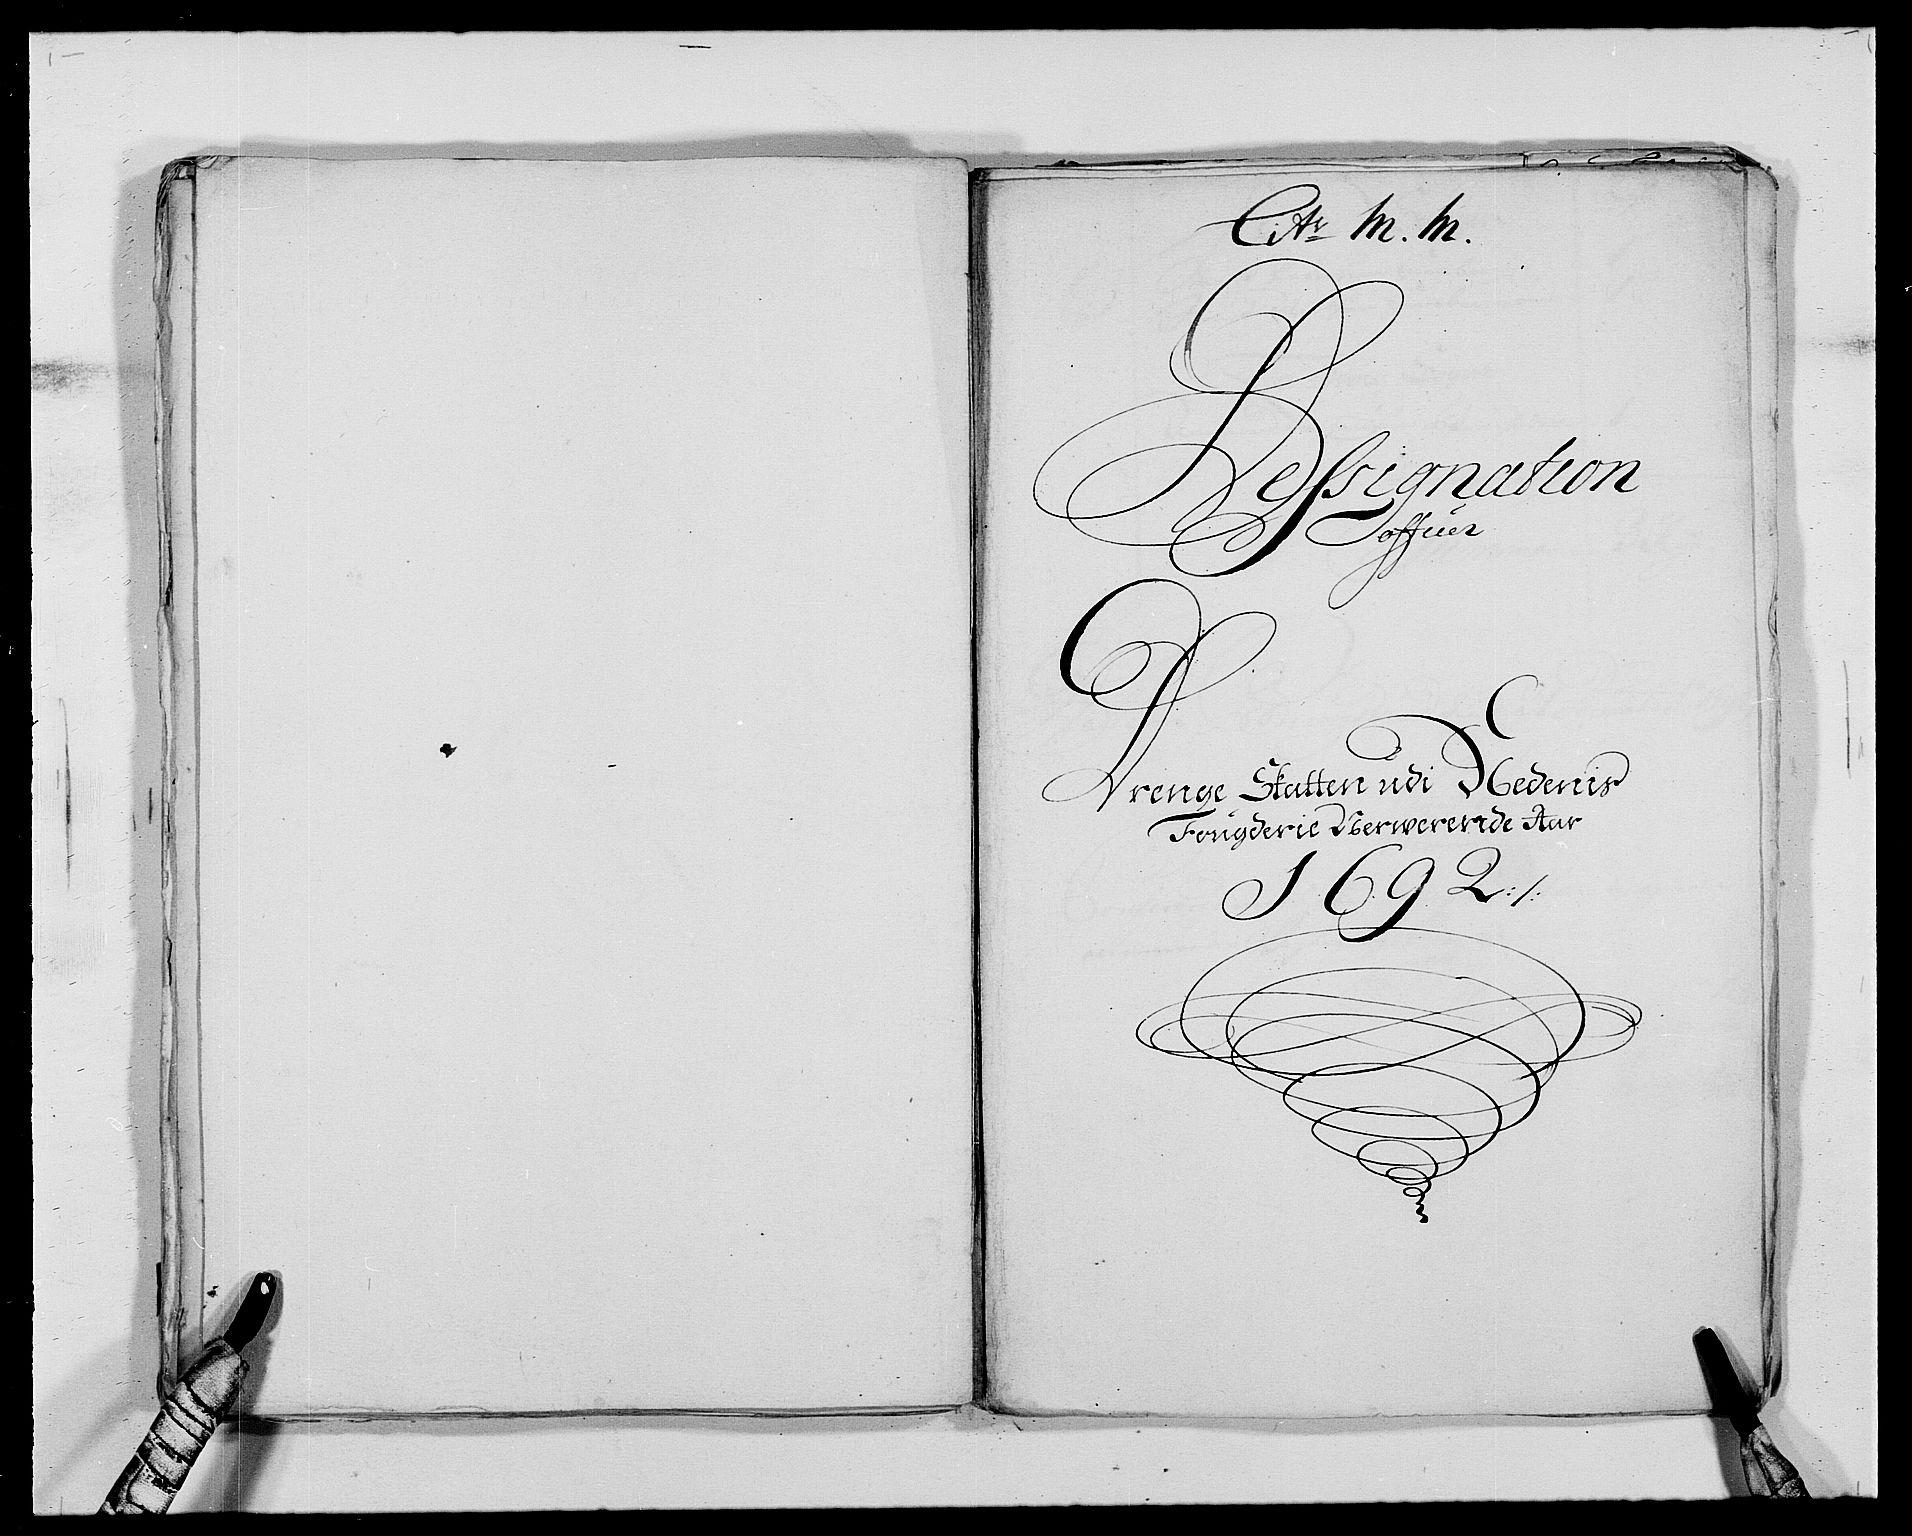 RA, Rentekammeret inntil 1814, Reviderte regnskaper, Fogderegnskap, R39/L2311: Fogderegnskap Nedenes, 1690-1692, s. 233